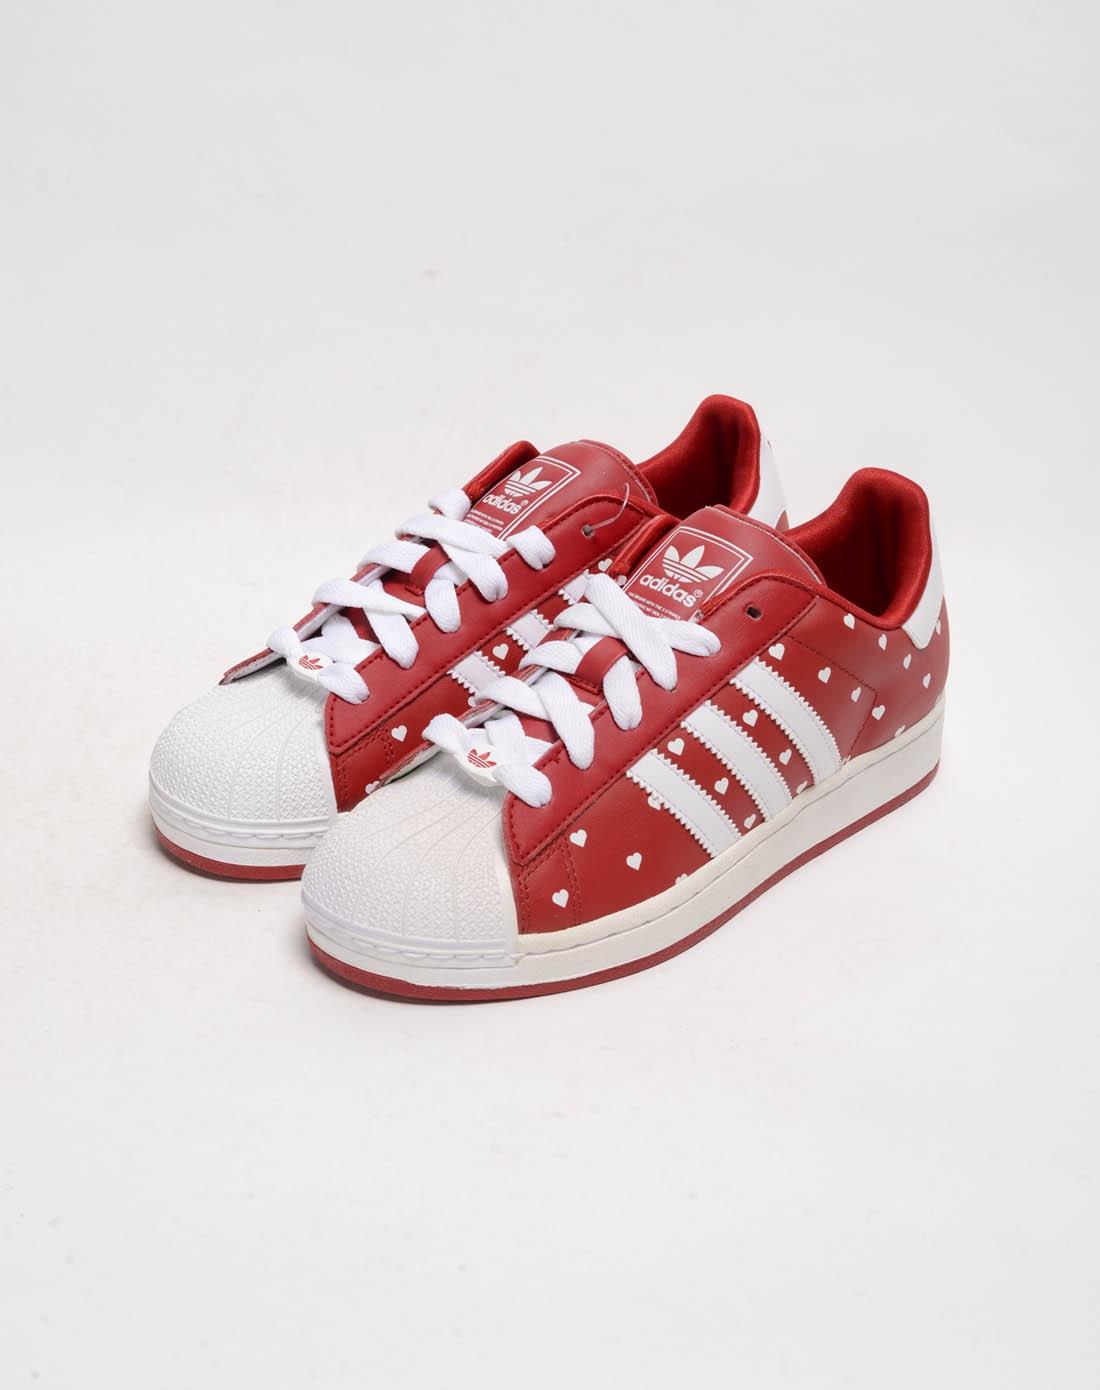 阿迪达斯adidas女鞋专场-女子红色复古鞋